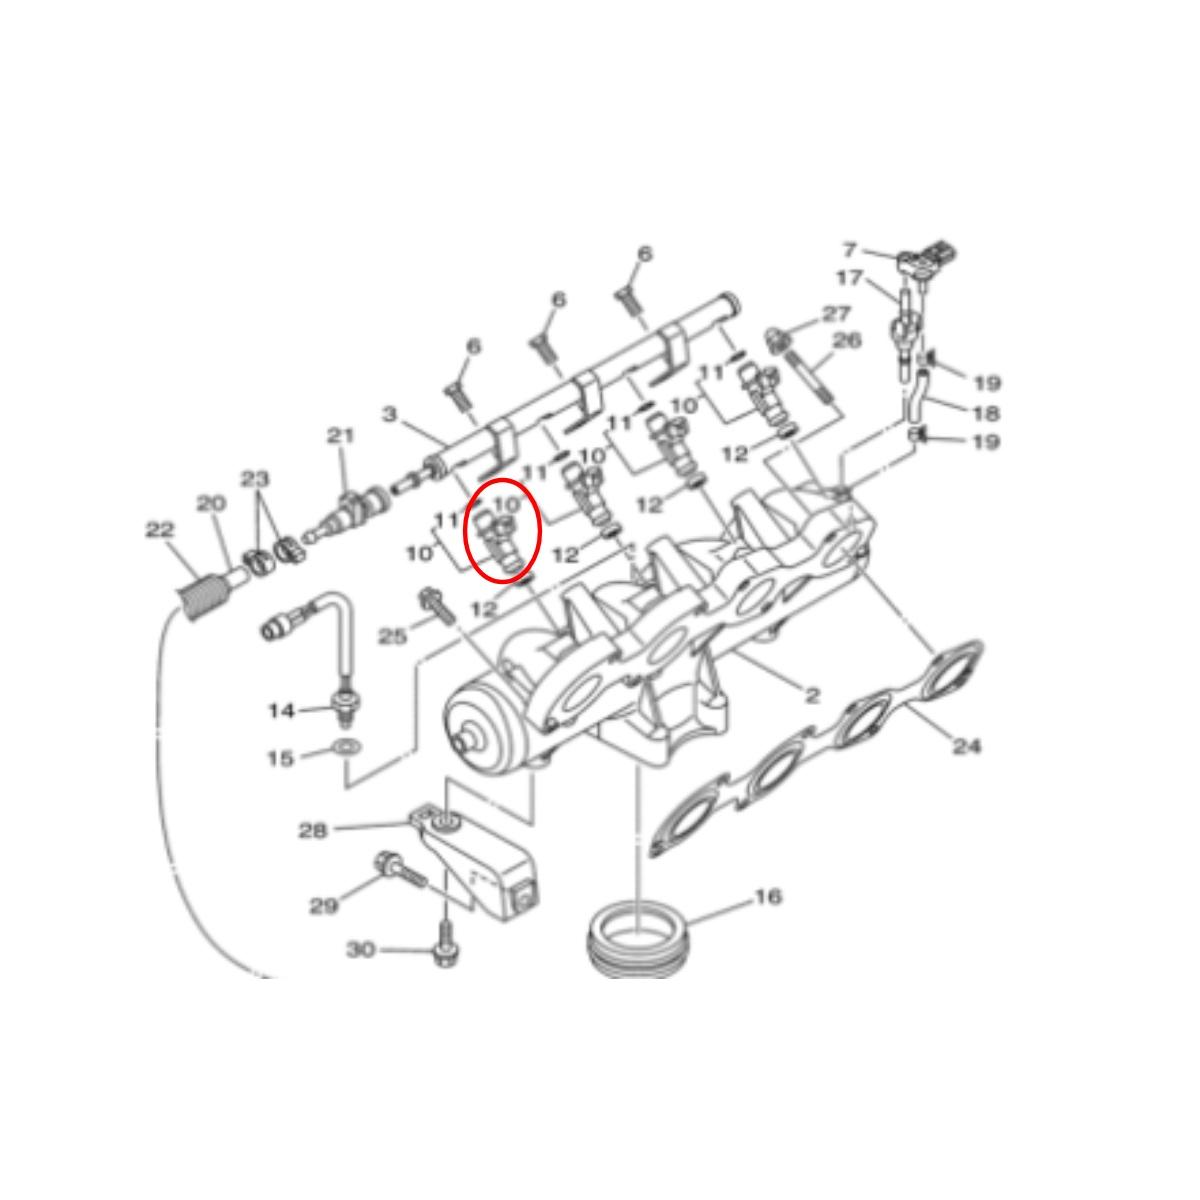 Bico Injetor para Jet Ski Yamaha SHO  - Radical Peças - Peças para Jet Ski